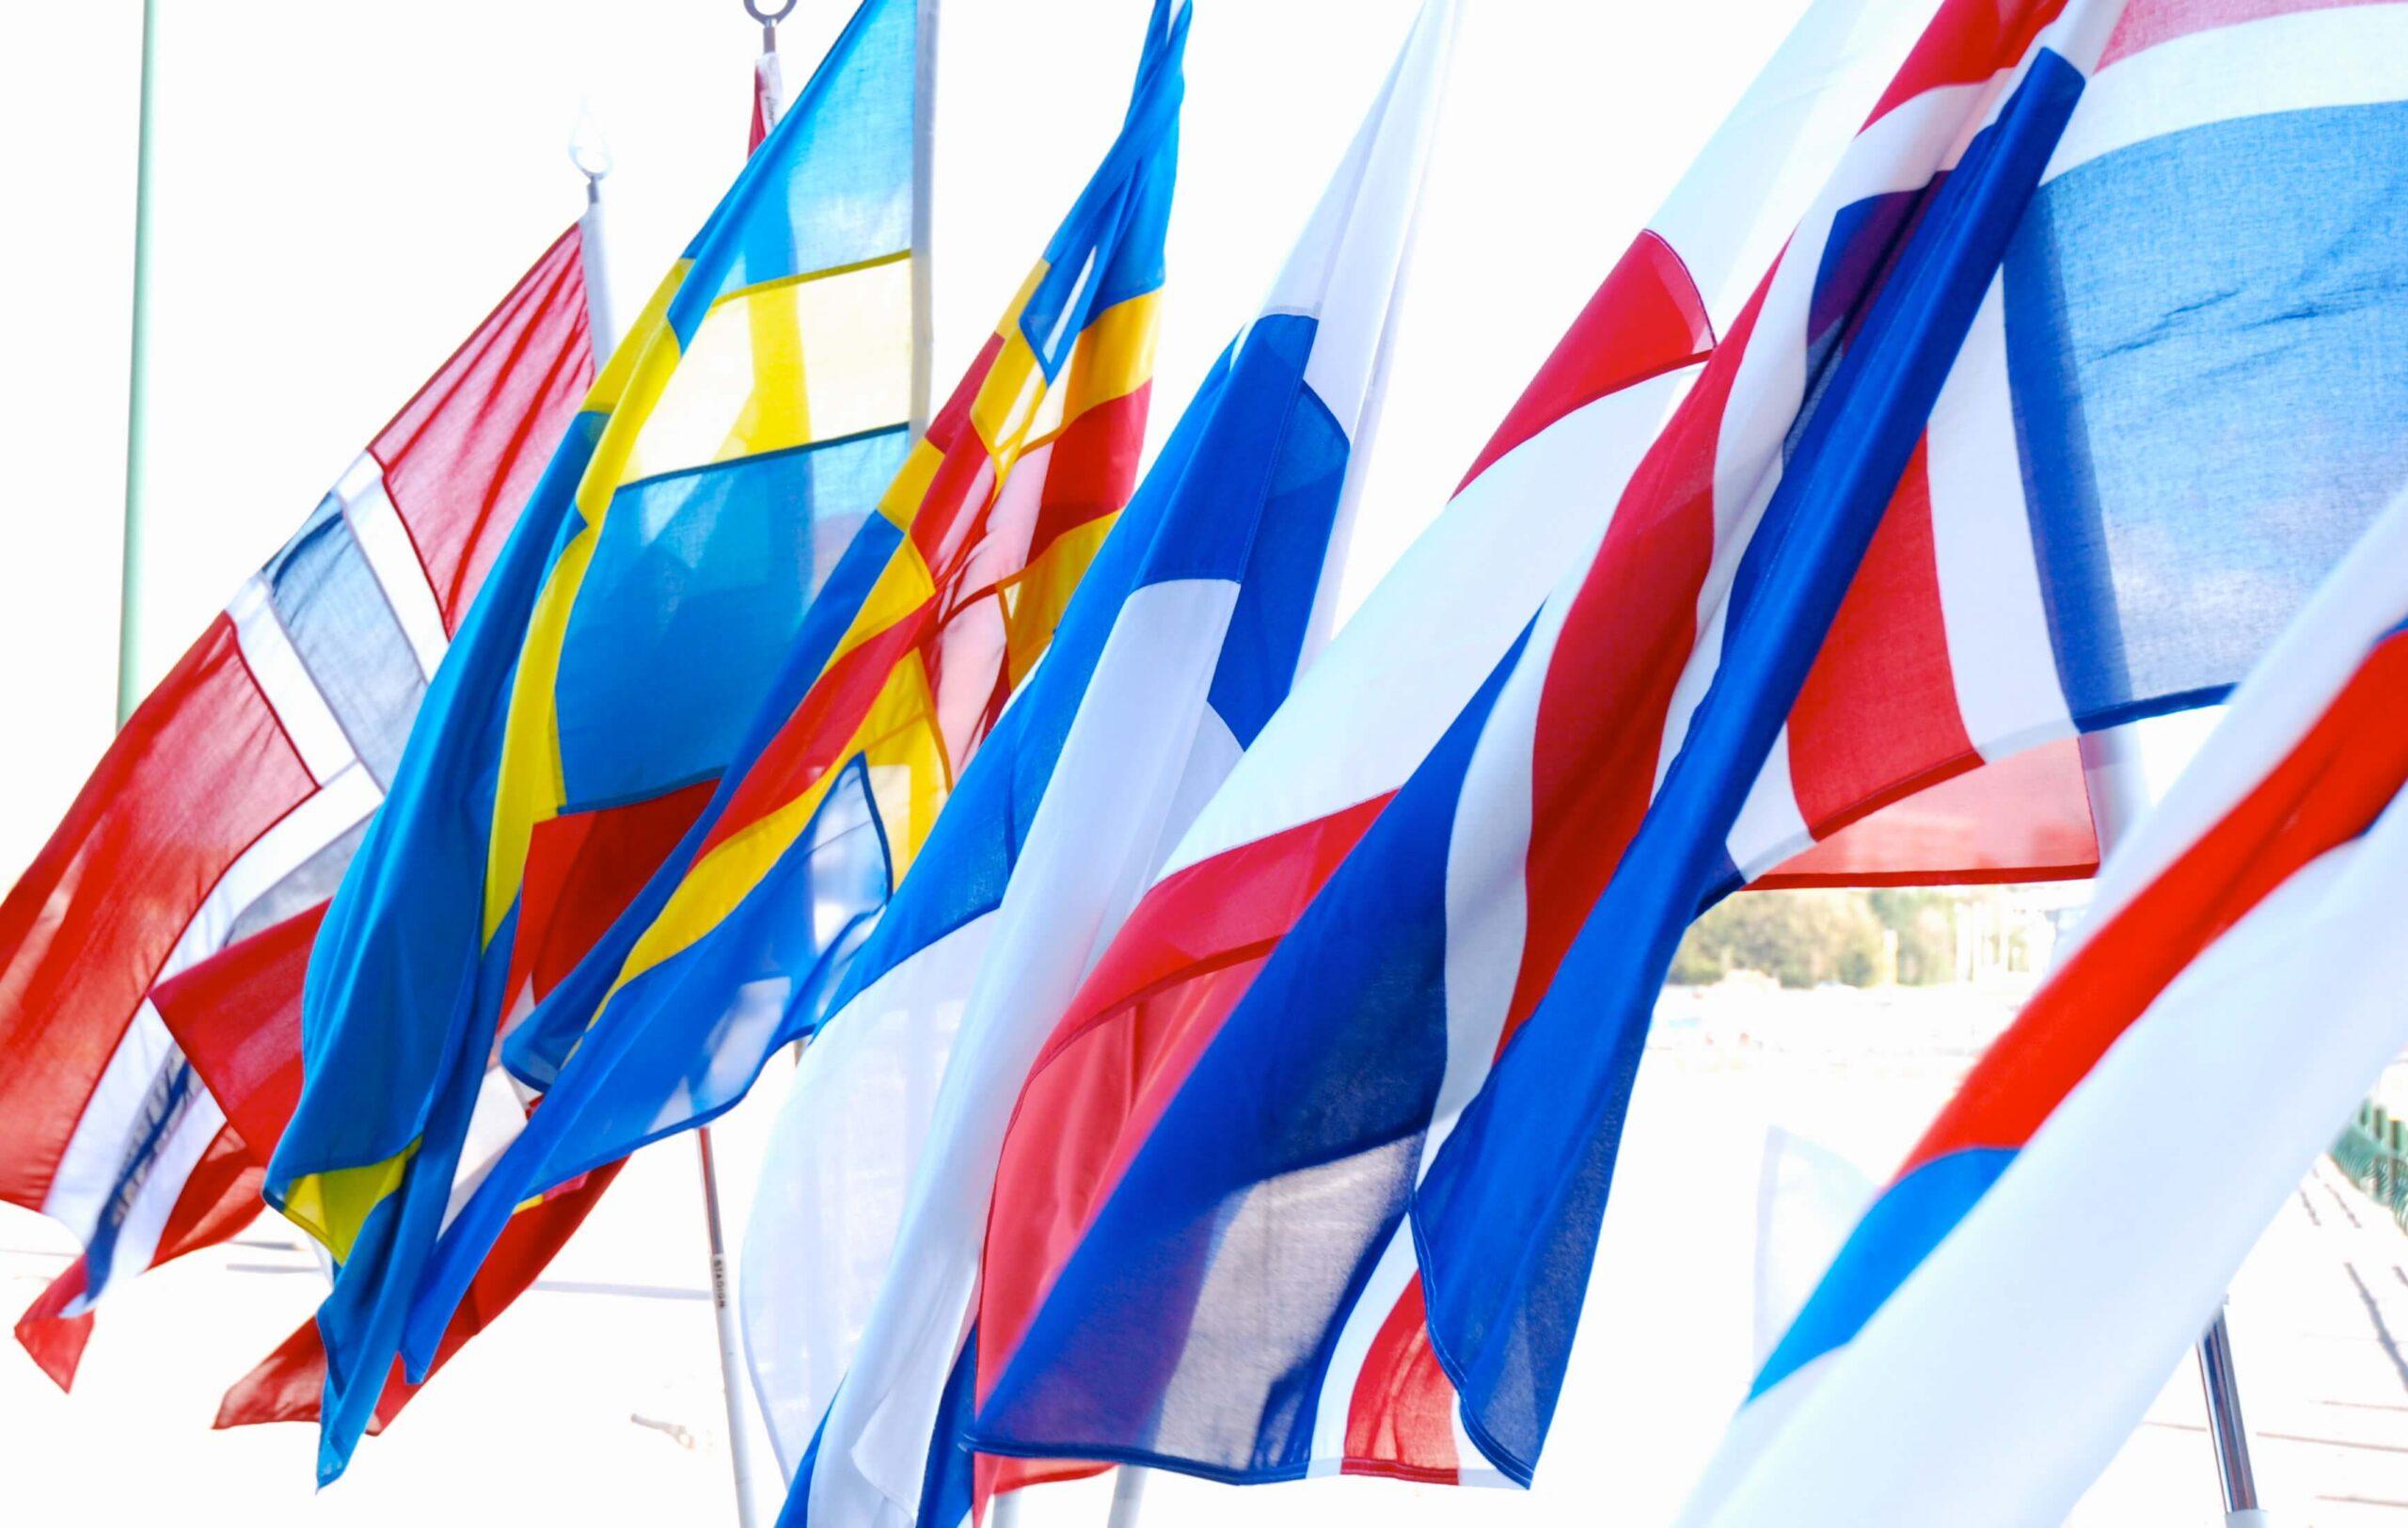 Fotograf Søren Sigfusson norden.org